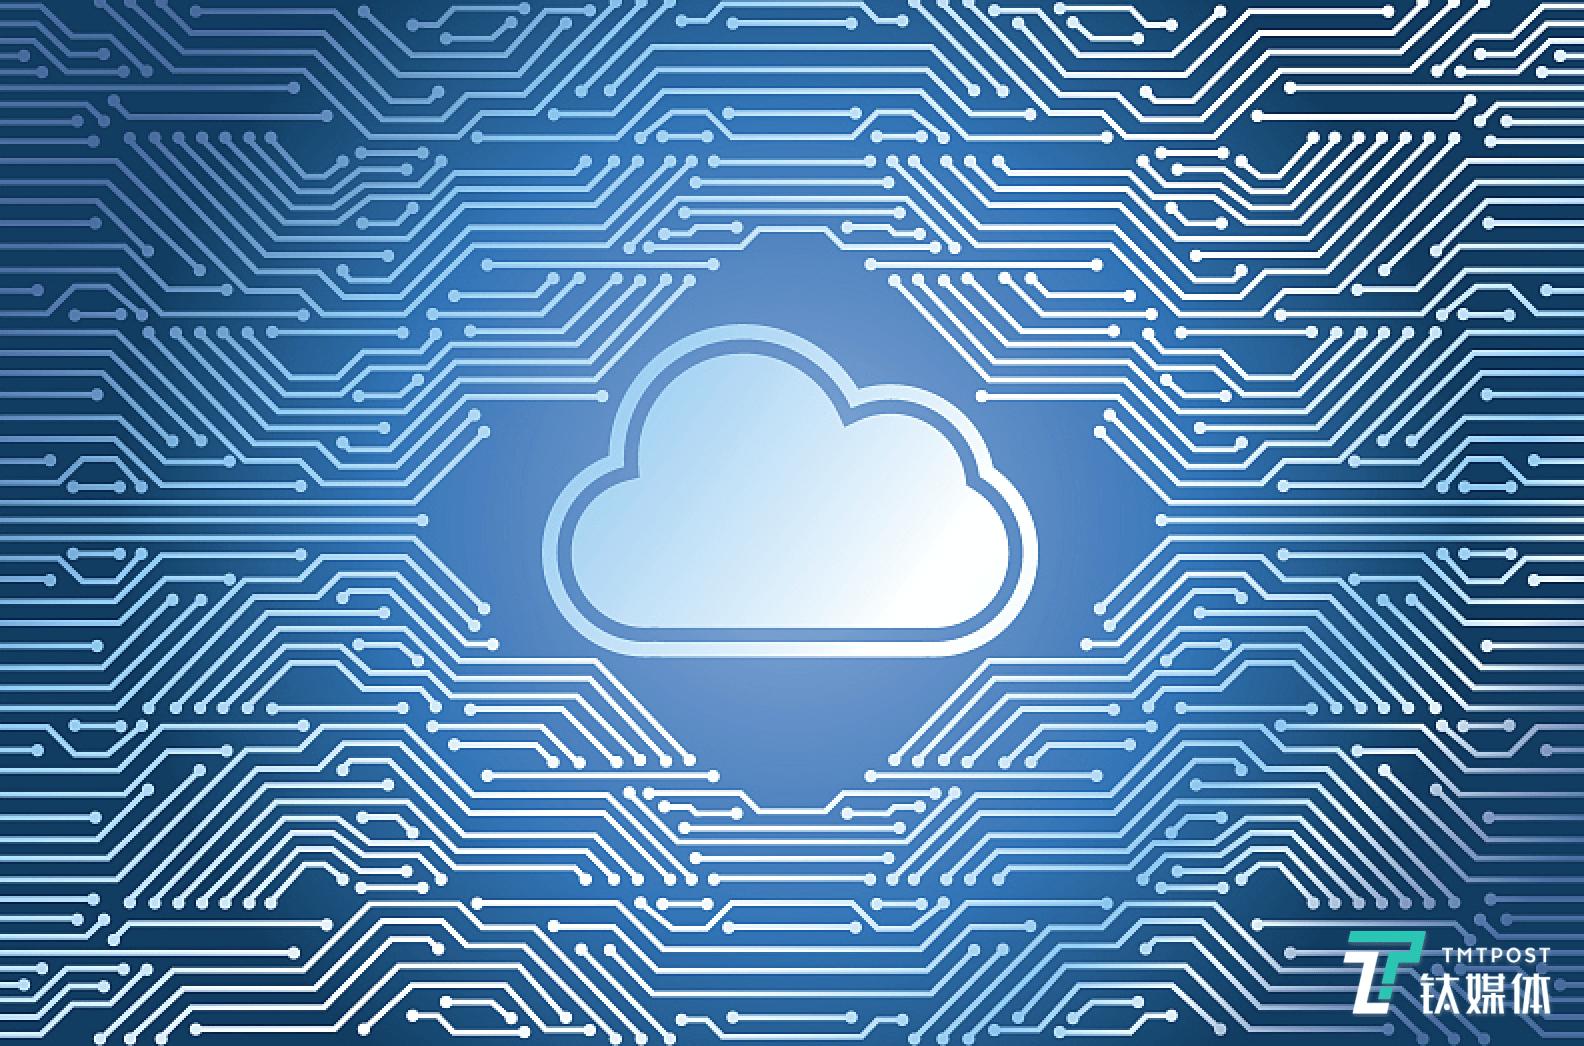 云盘资源搜索微信推出云存储你会买单吗?|钛度热评-奇享网